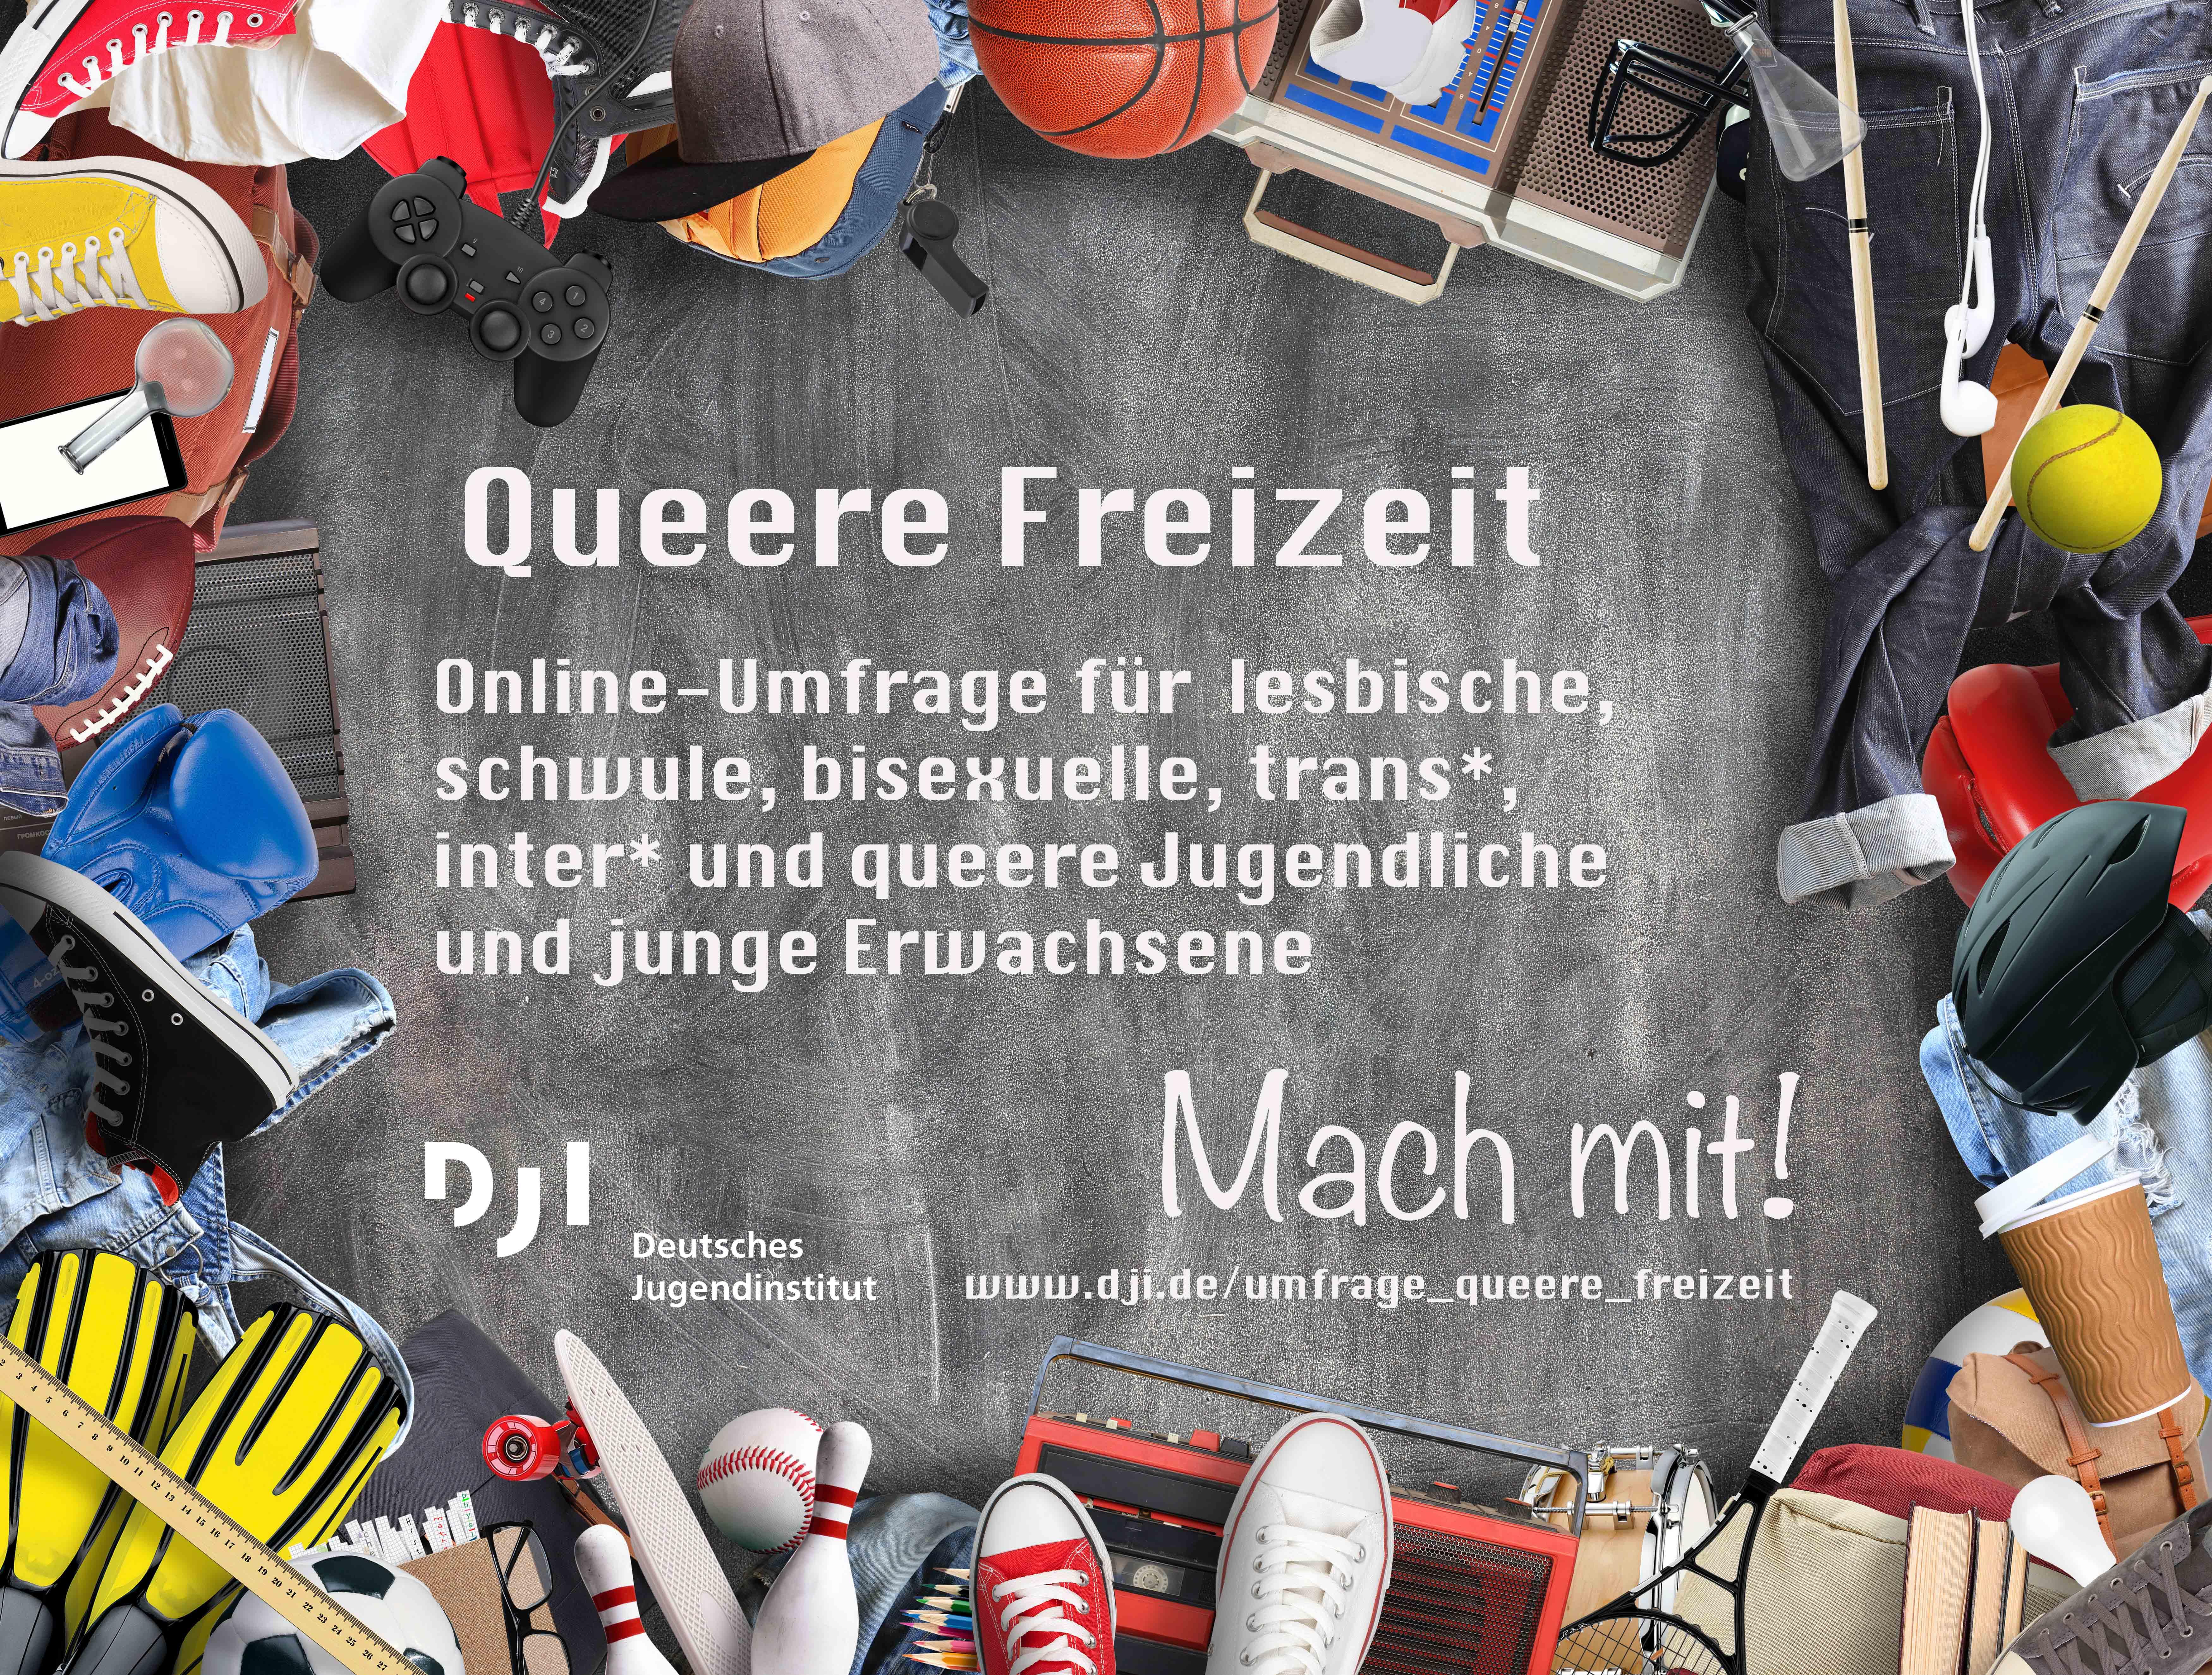 Queere Freizeit – Umfrage des DJI